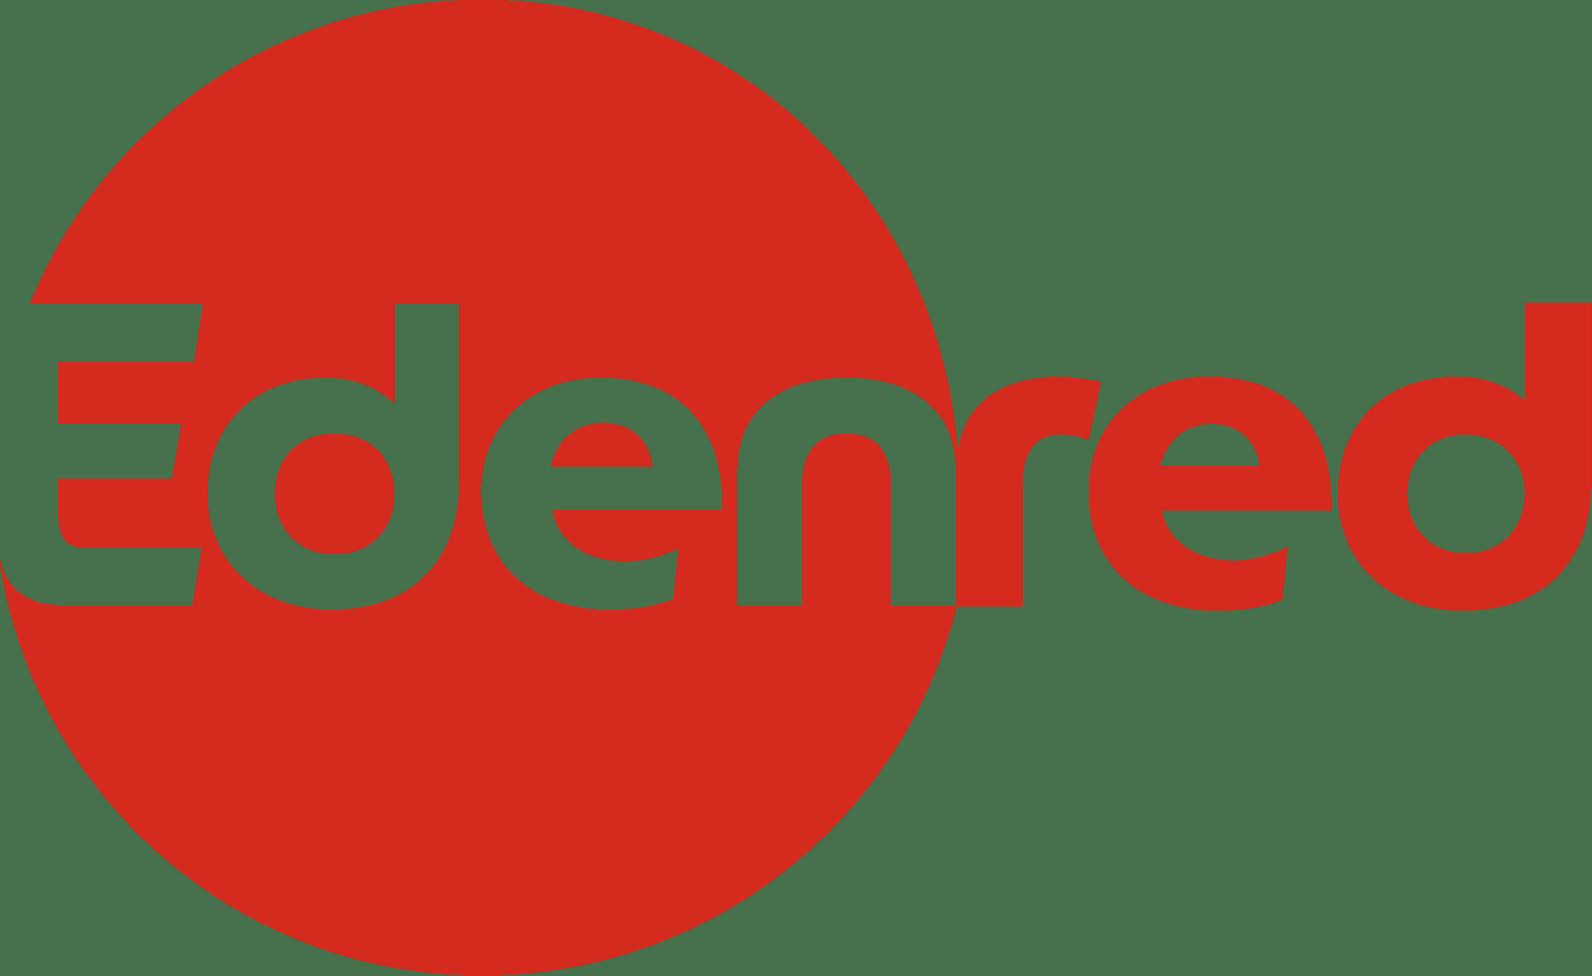 Edenred-logo-2017